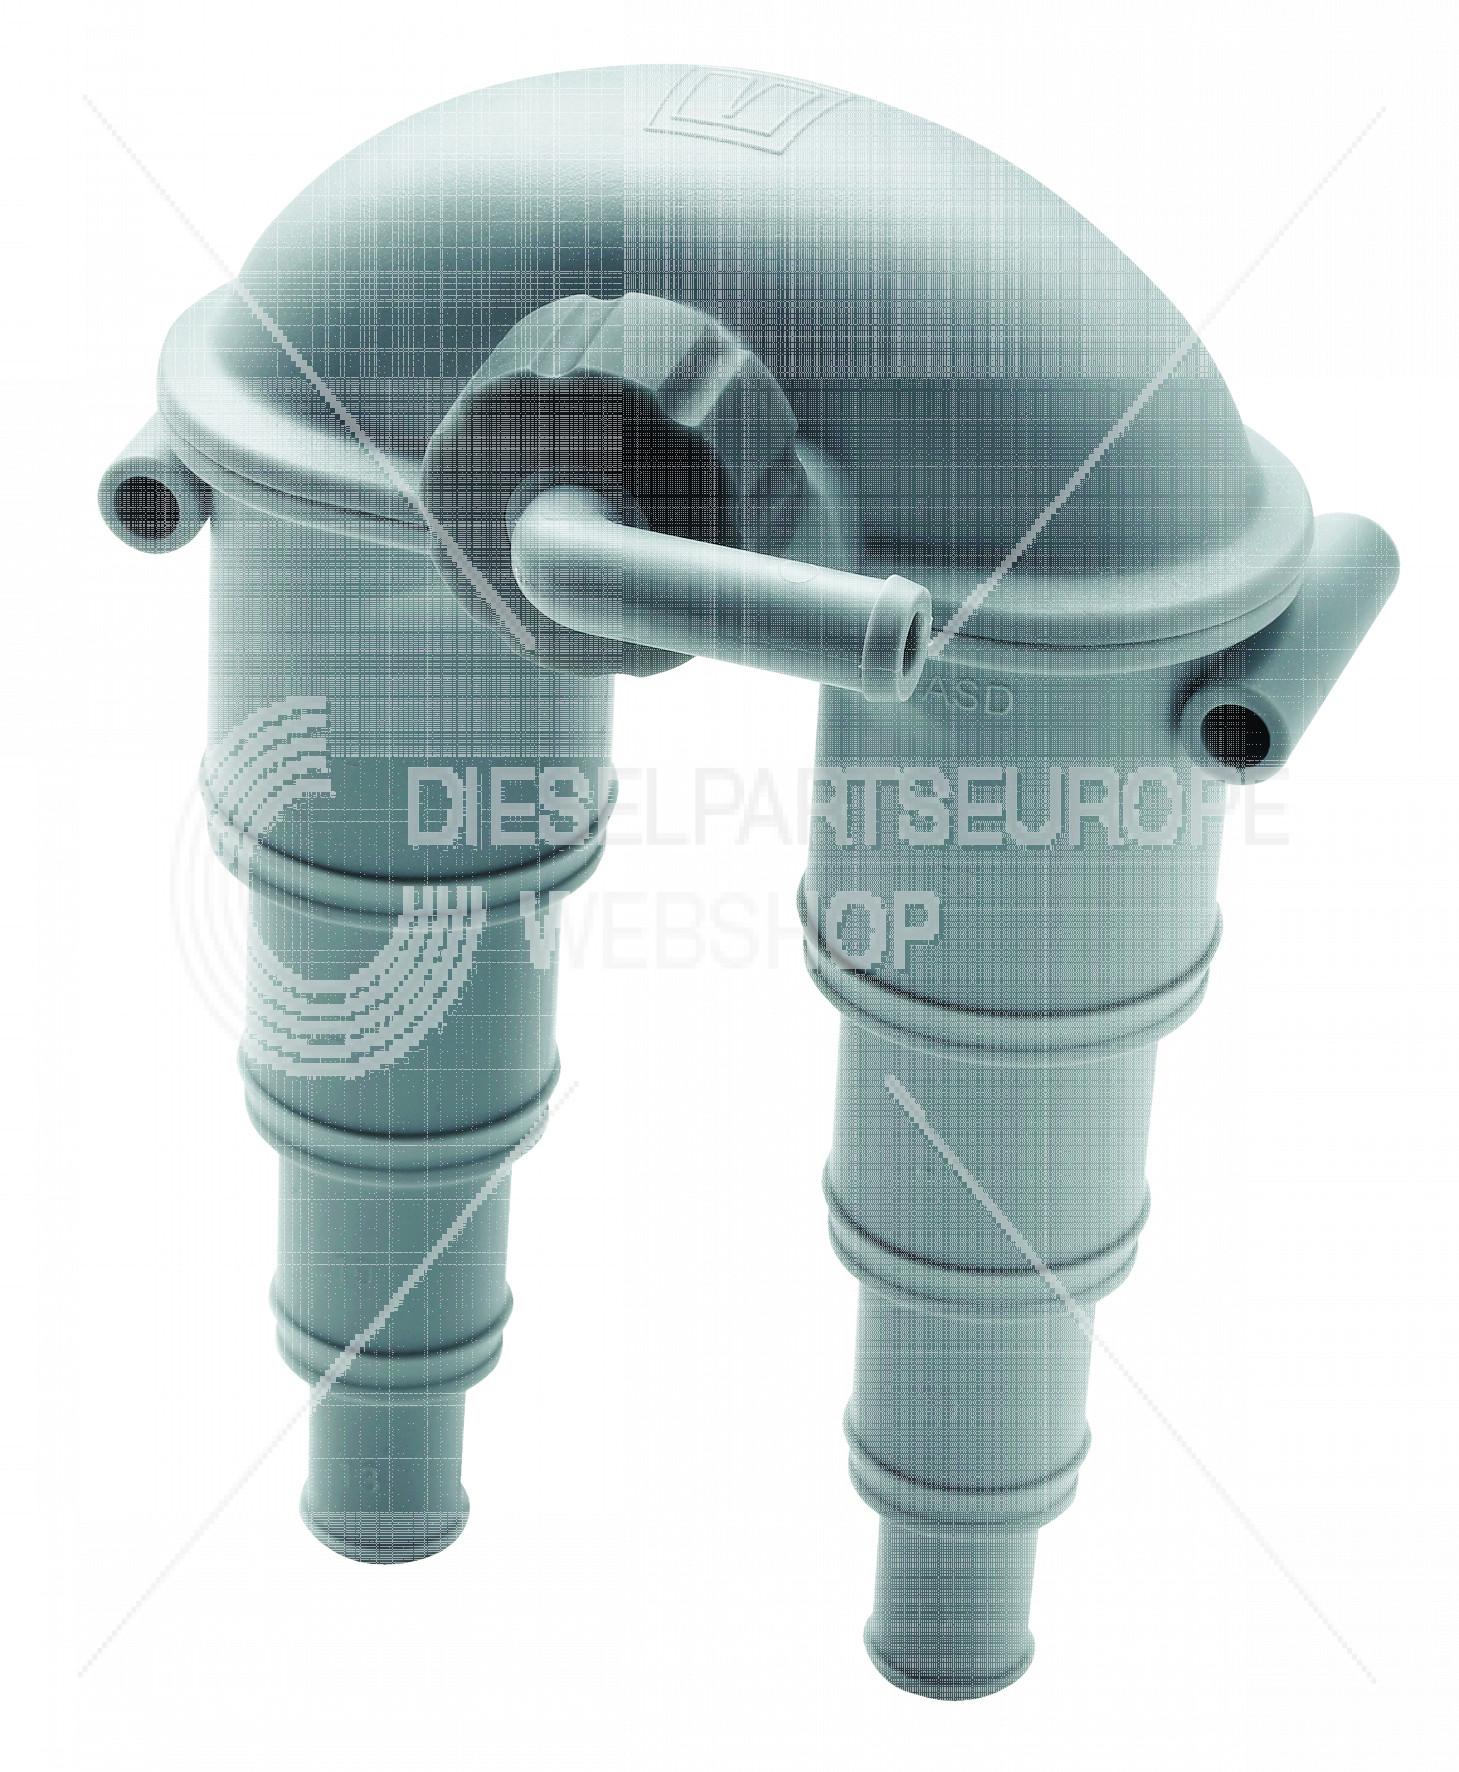 Beluchter type ASD 13/19/25/32 mm, met klep